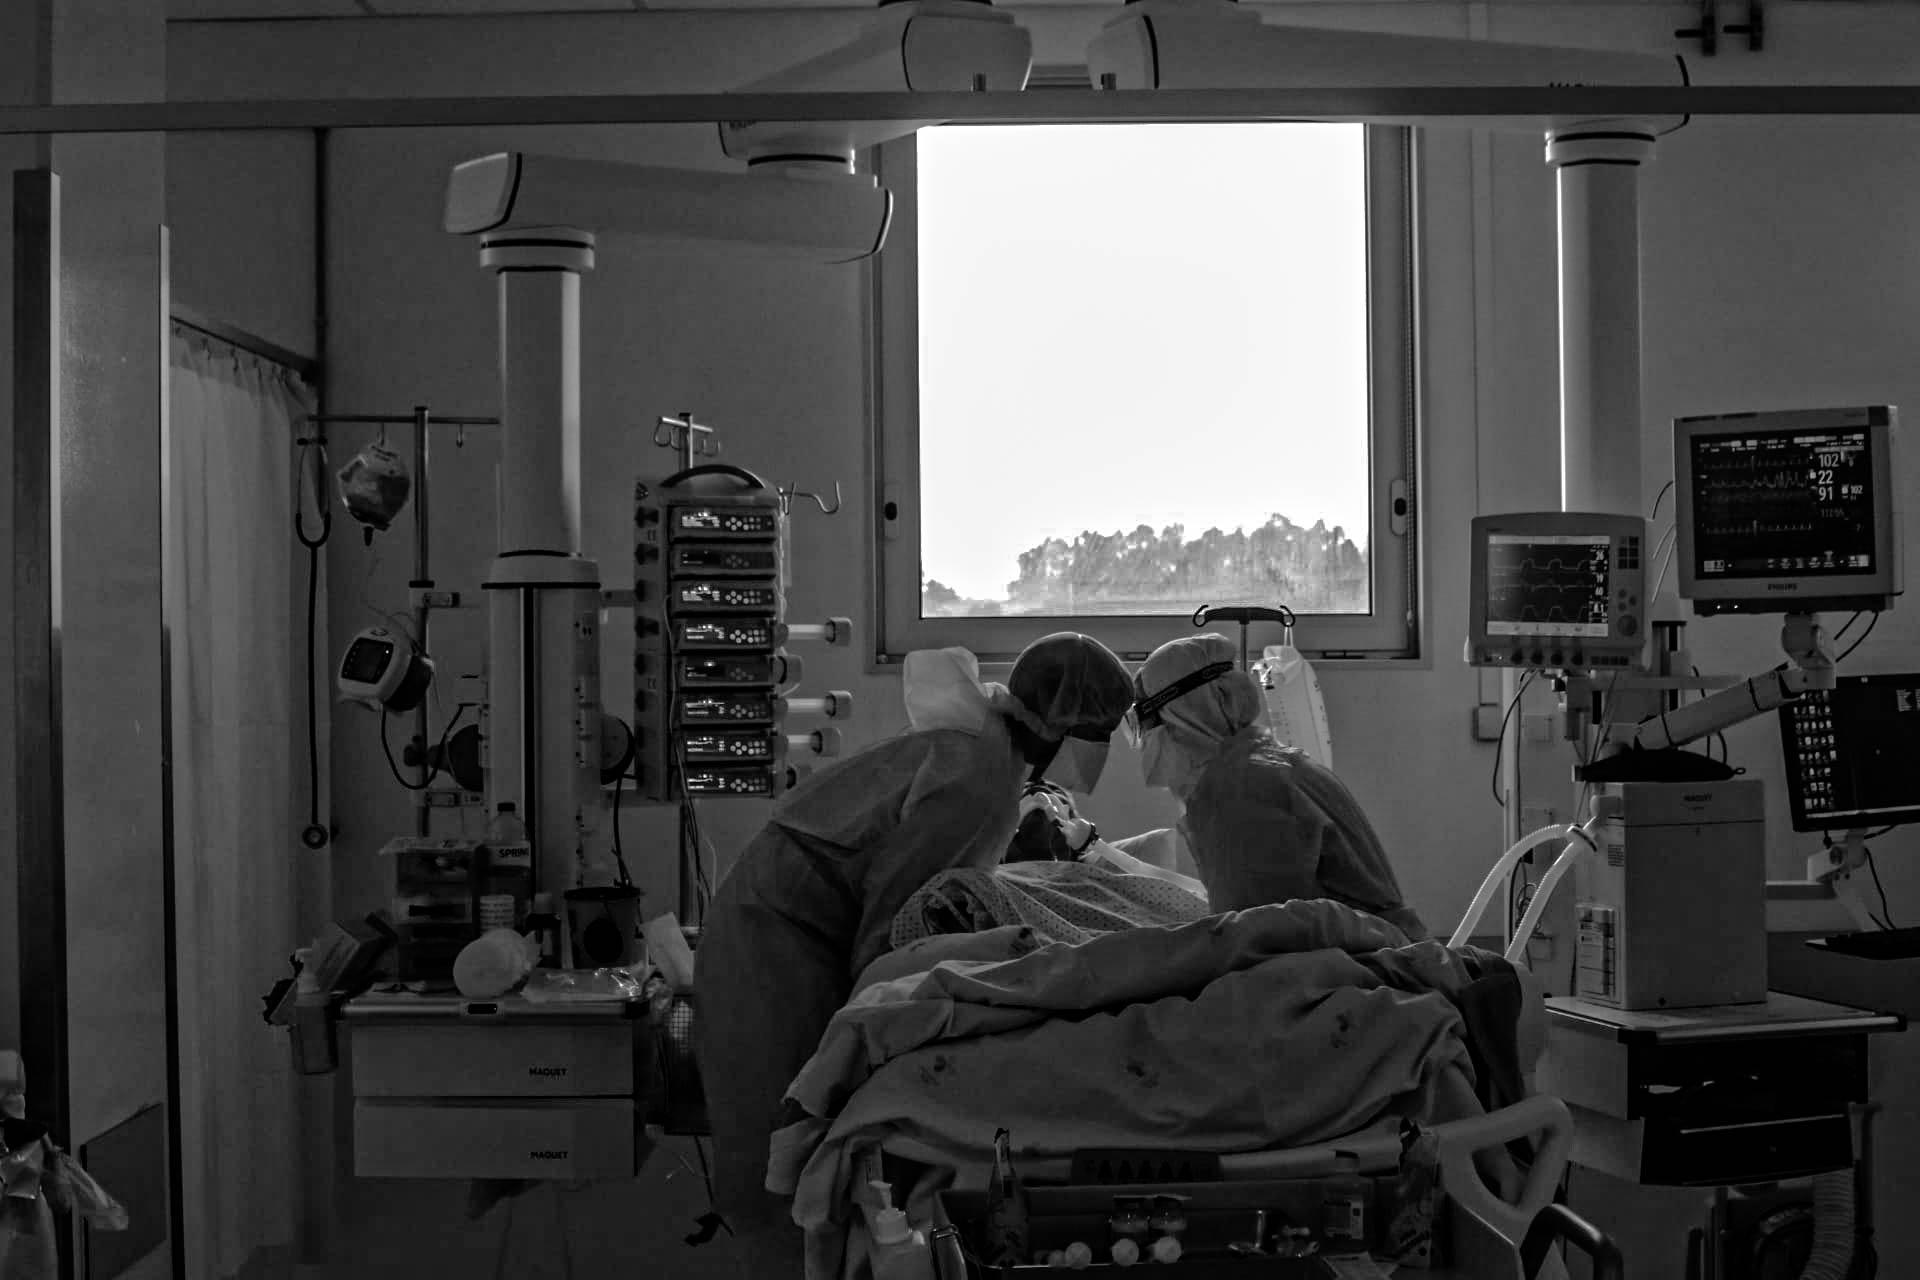 hospital-de-braga-Hospital de Braga promove Exposição Virtual sobre a sua Unidade de Cuidados Intensivos Polivalente